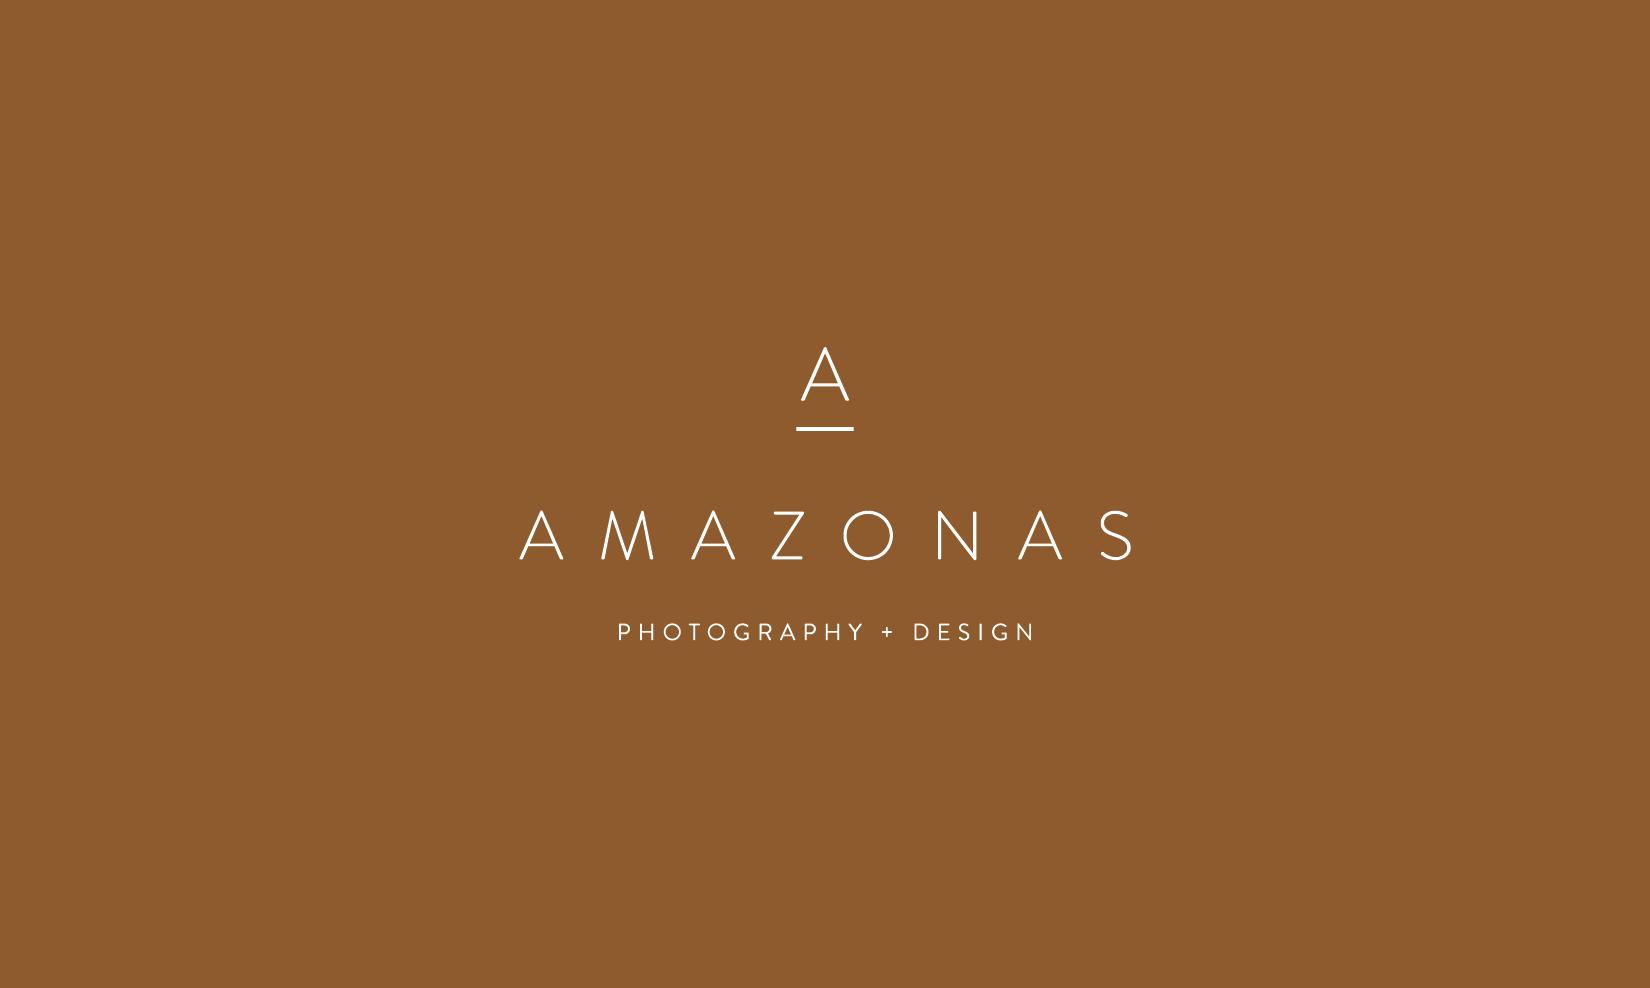 Amazonas Photography- 1-01.png